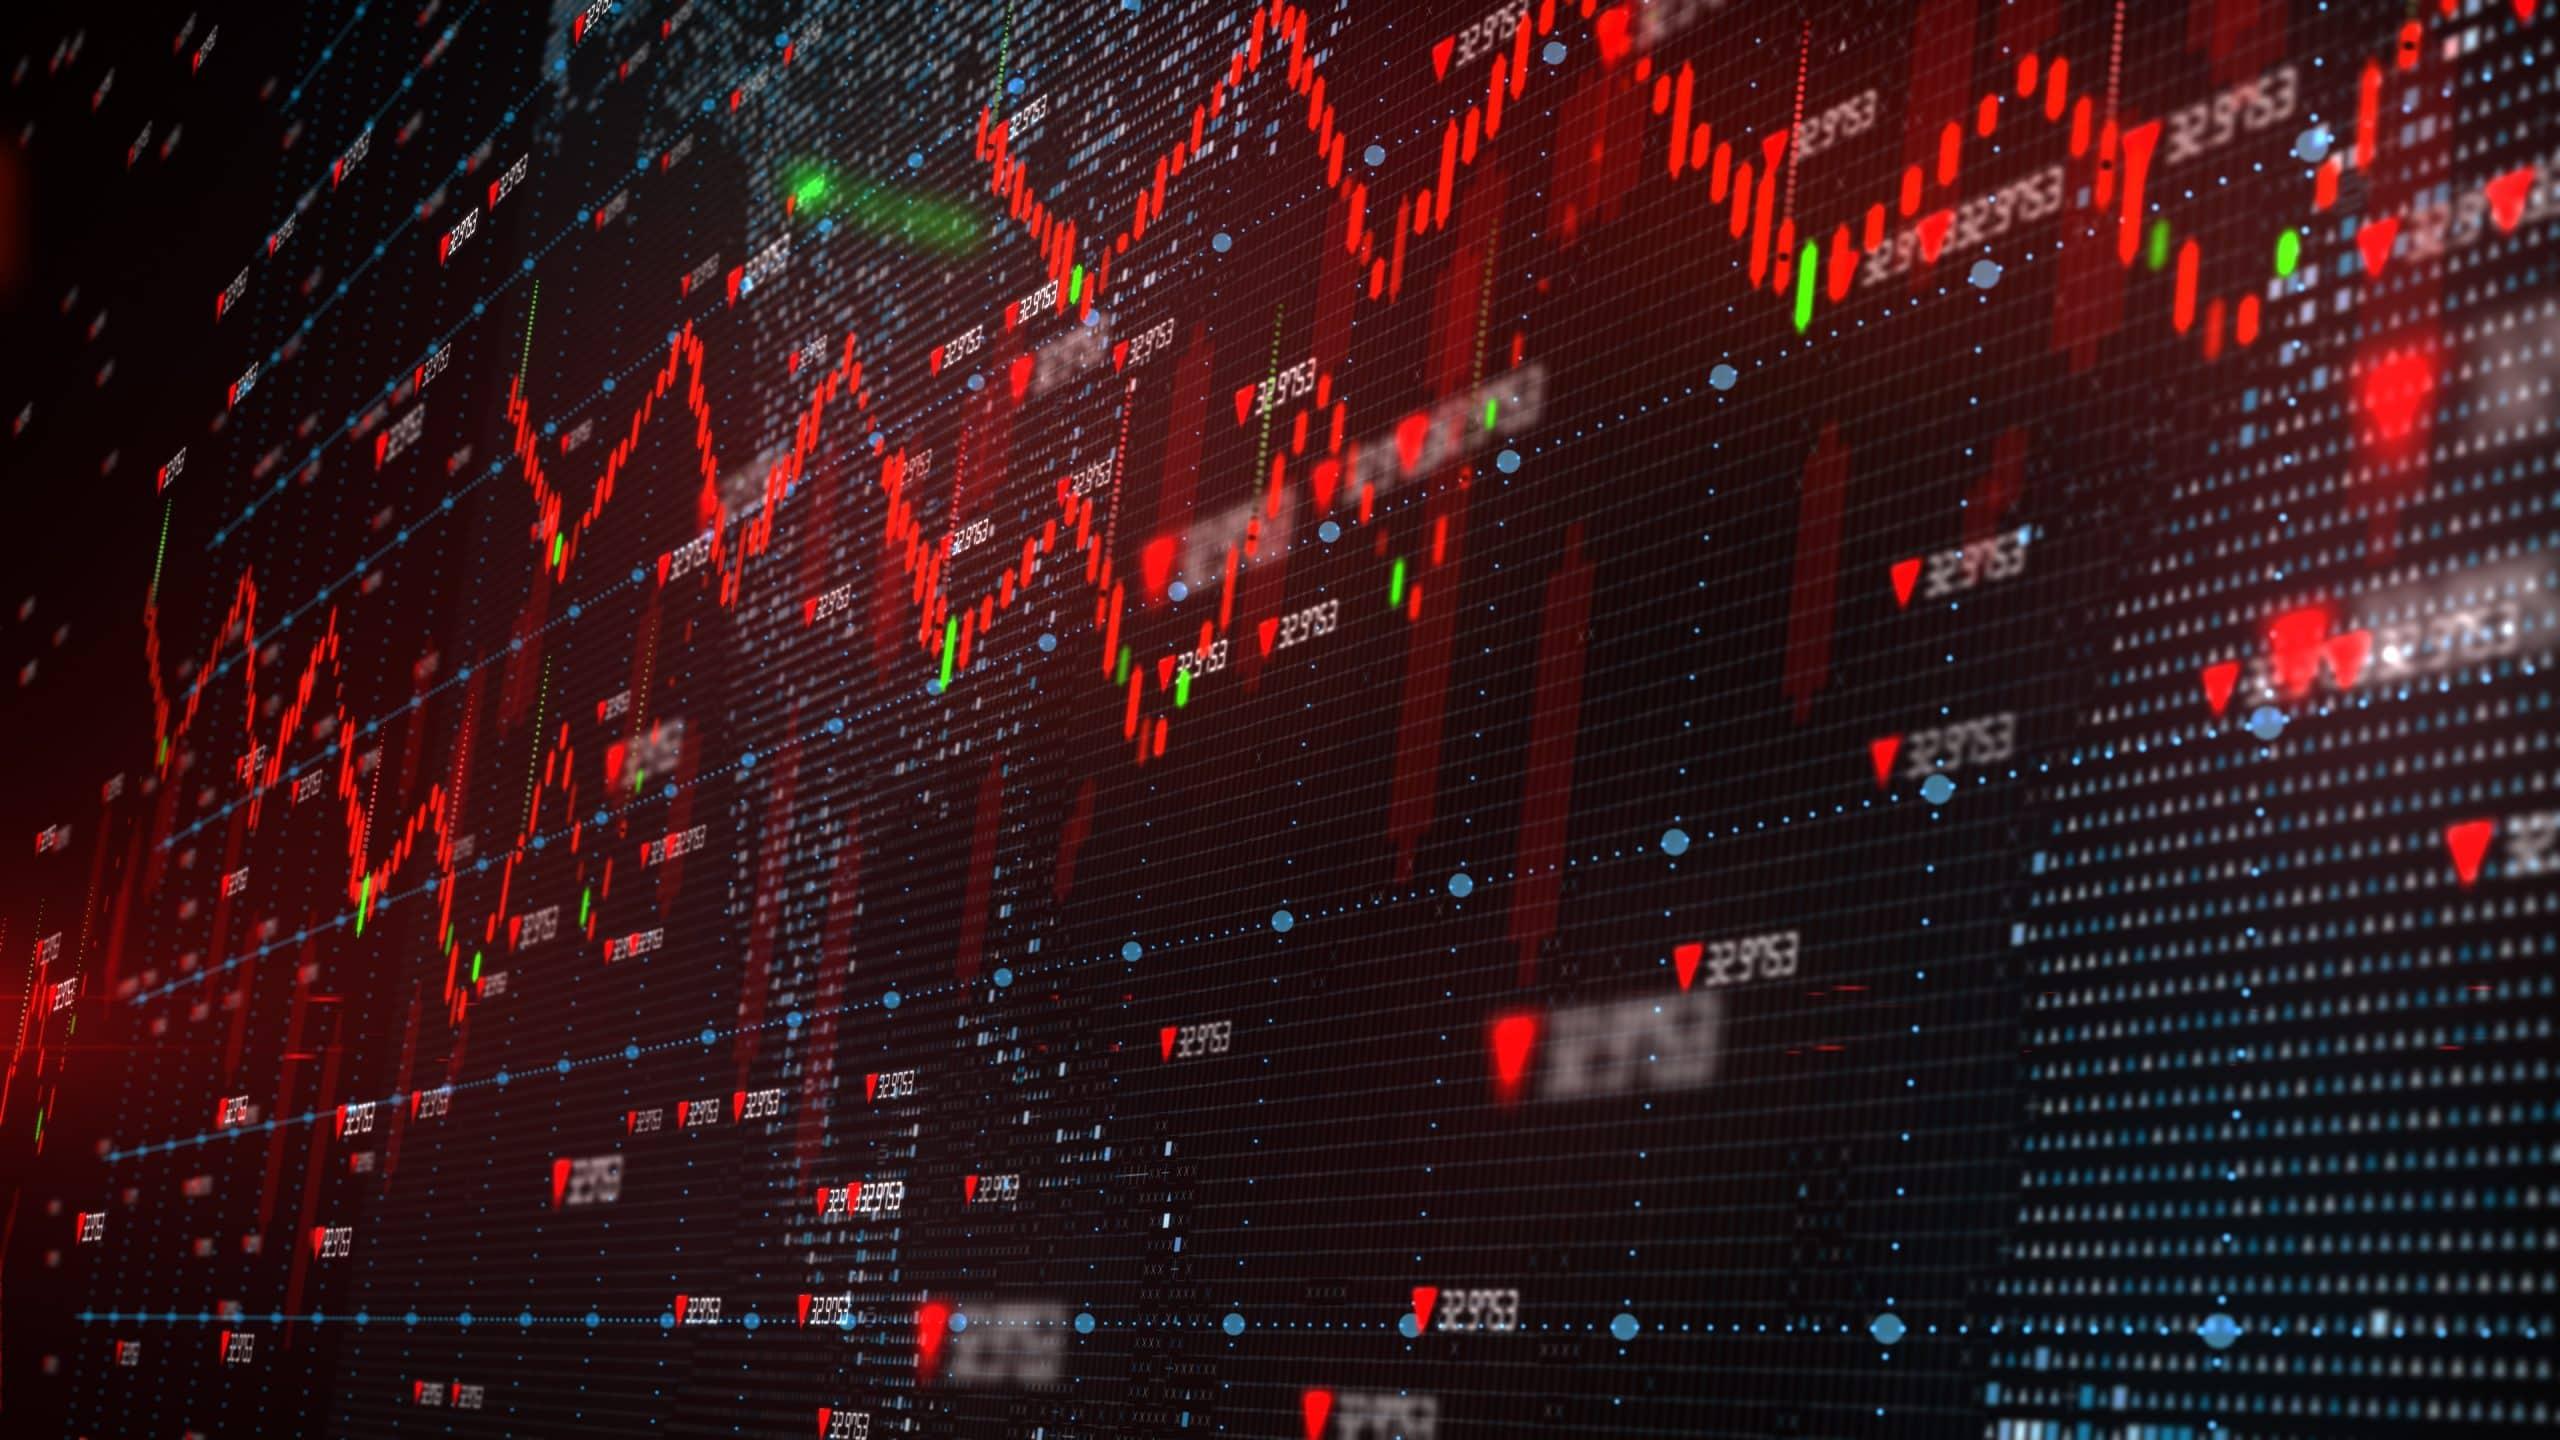 Chinesischer Börsencrash zieht Krypto-Markt mit sich | BTC-ECHO